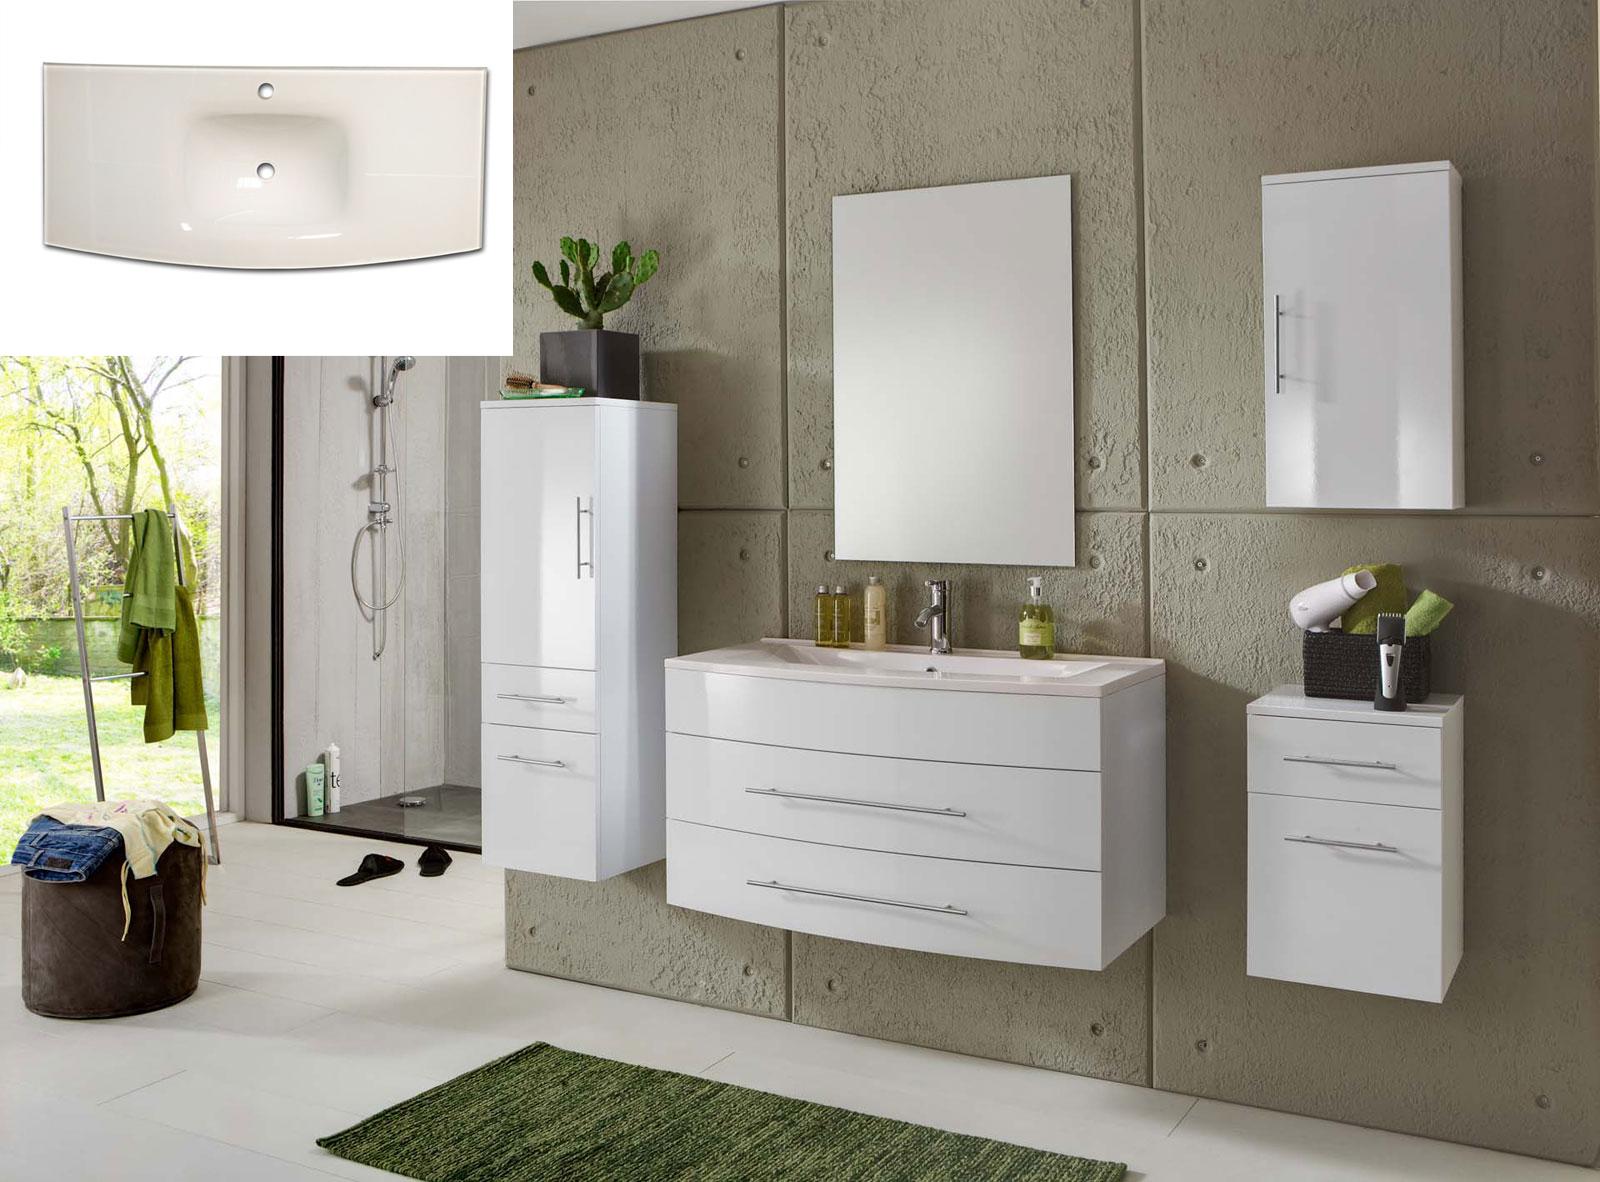 sam 5tlg badm bel set wei 100 cm beckenauswahl basel light auf lager. Black Bedroom Furniture Sets. Home Design Ideas